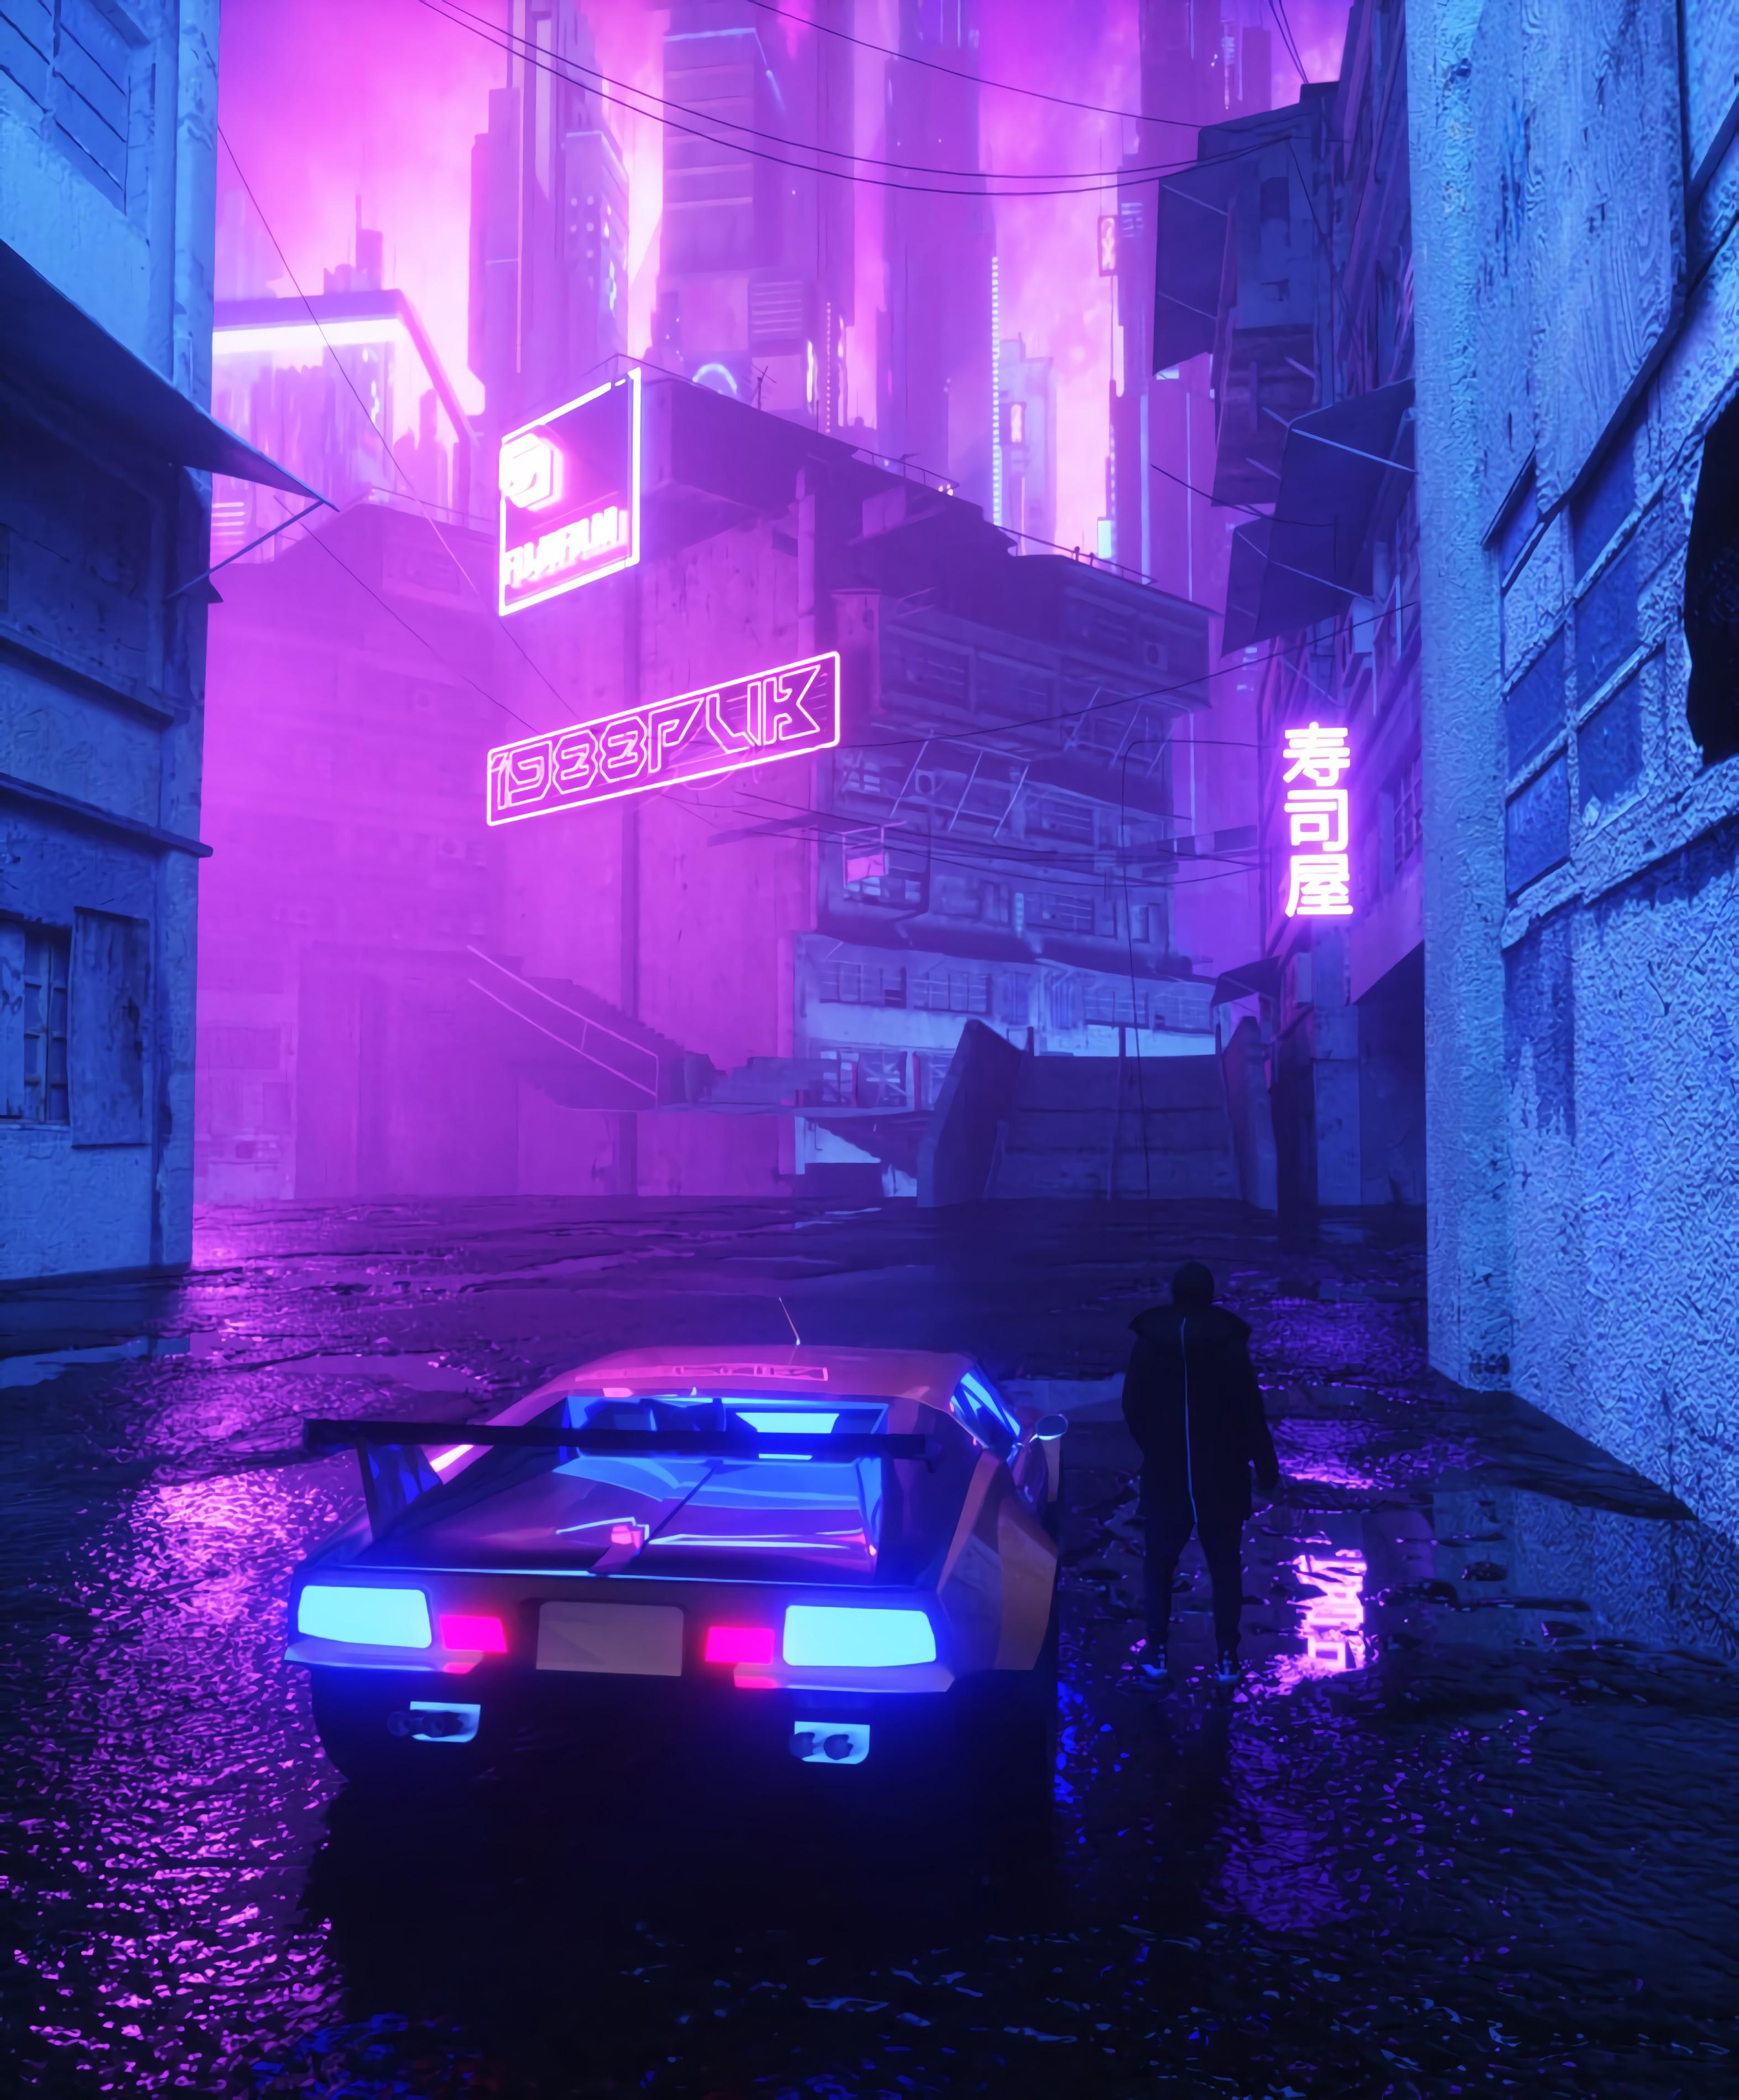 142726 Hintergrundbild herunterladen Auto, Übernachtung, Dunkel, Silhouette, Straße, Wagen, Neon, Street - Bildschirmschoner und Bilder kostenlos